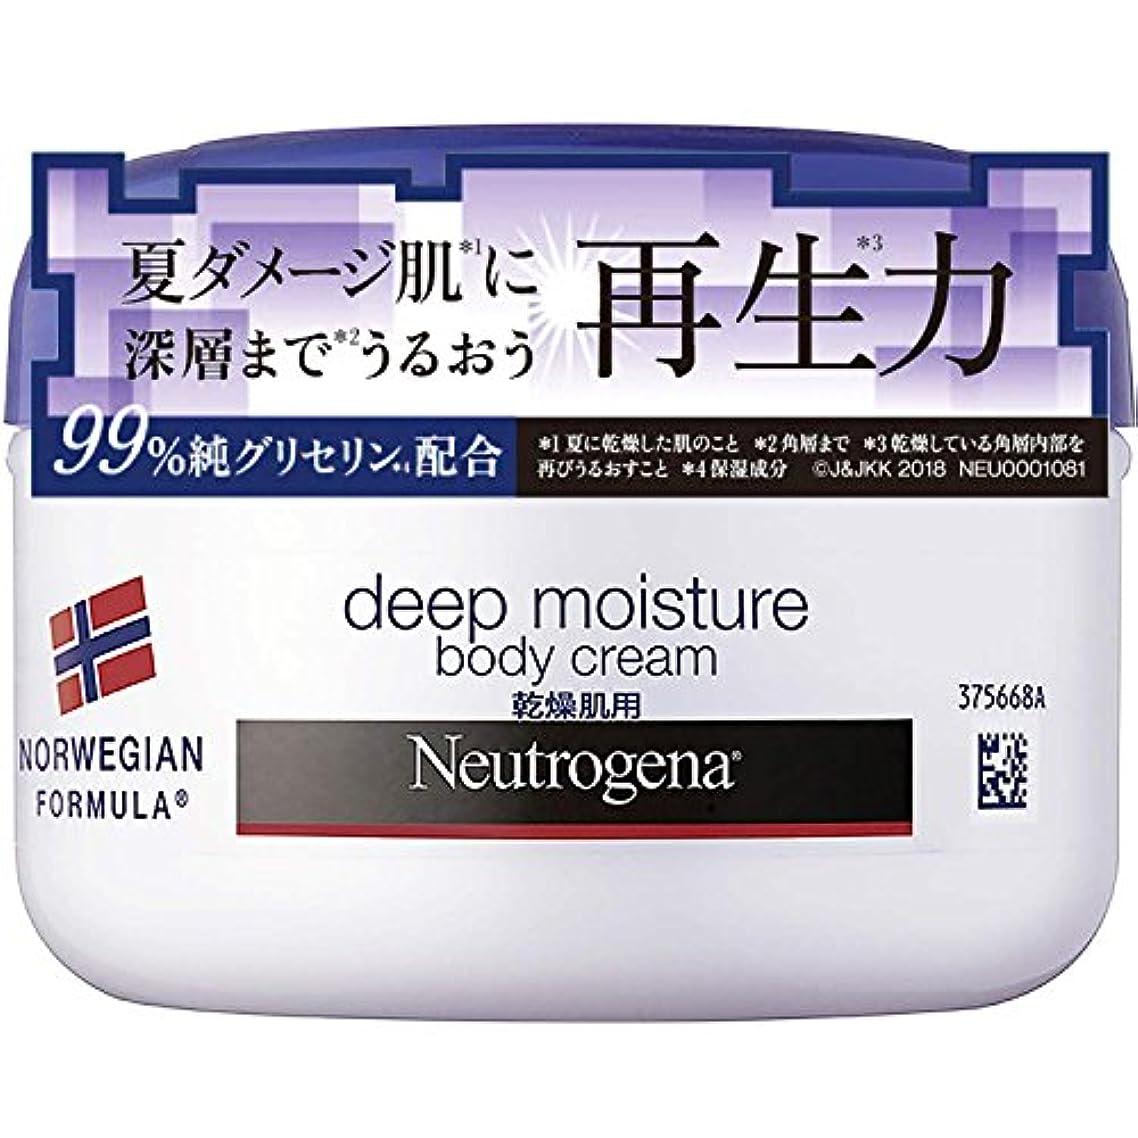 非常に怒っていますカタログ五Neutrogena(ニュートロジーナ) ノルウェーフォーミュラ ディープモイスチャー ボディクリーム 乾燥肌用 微香性 200ml